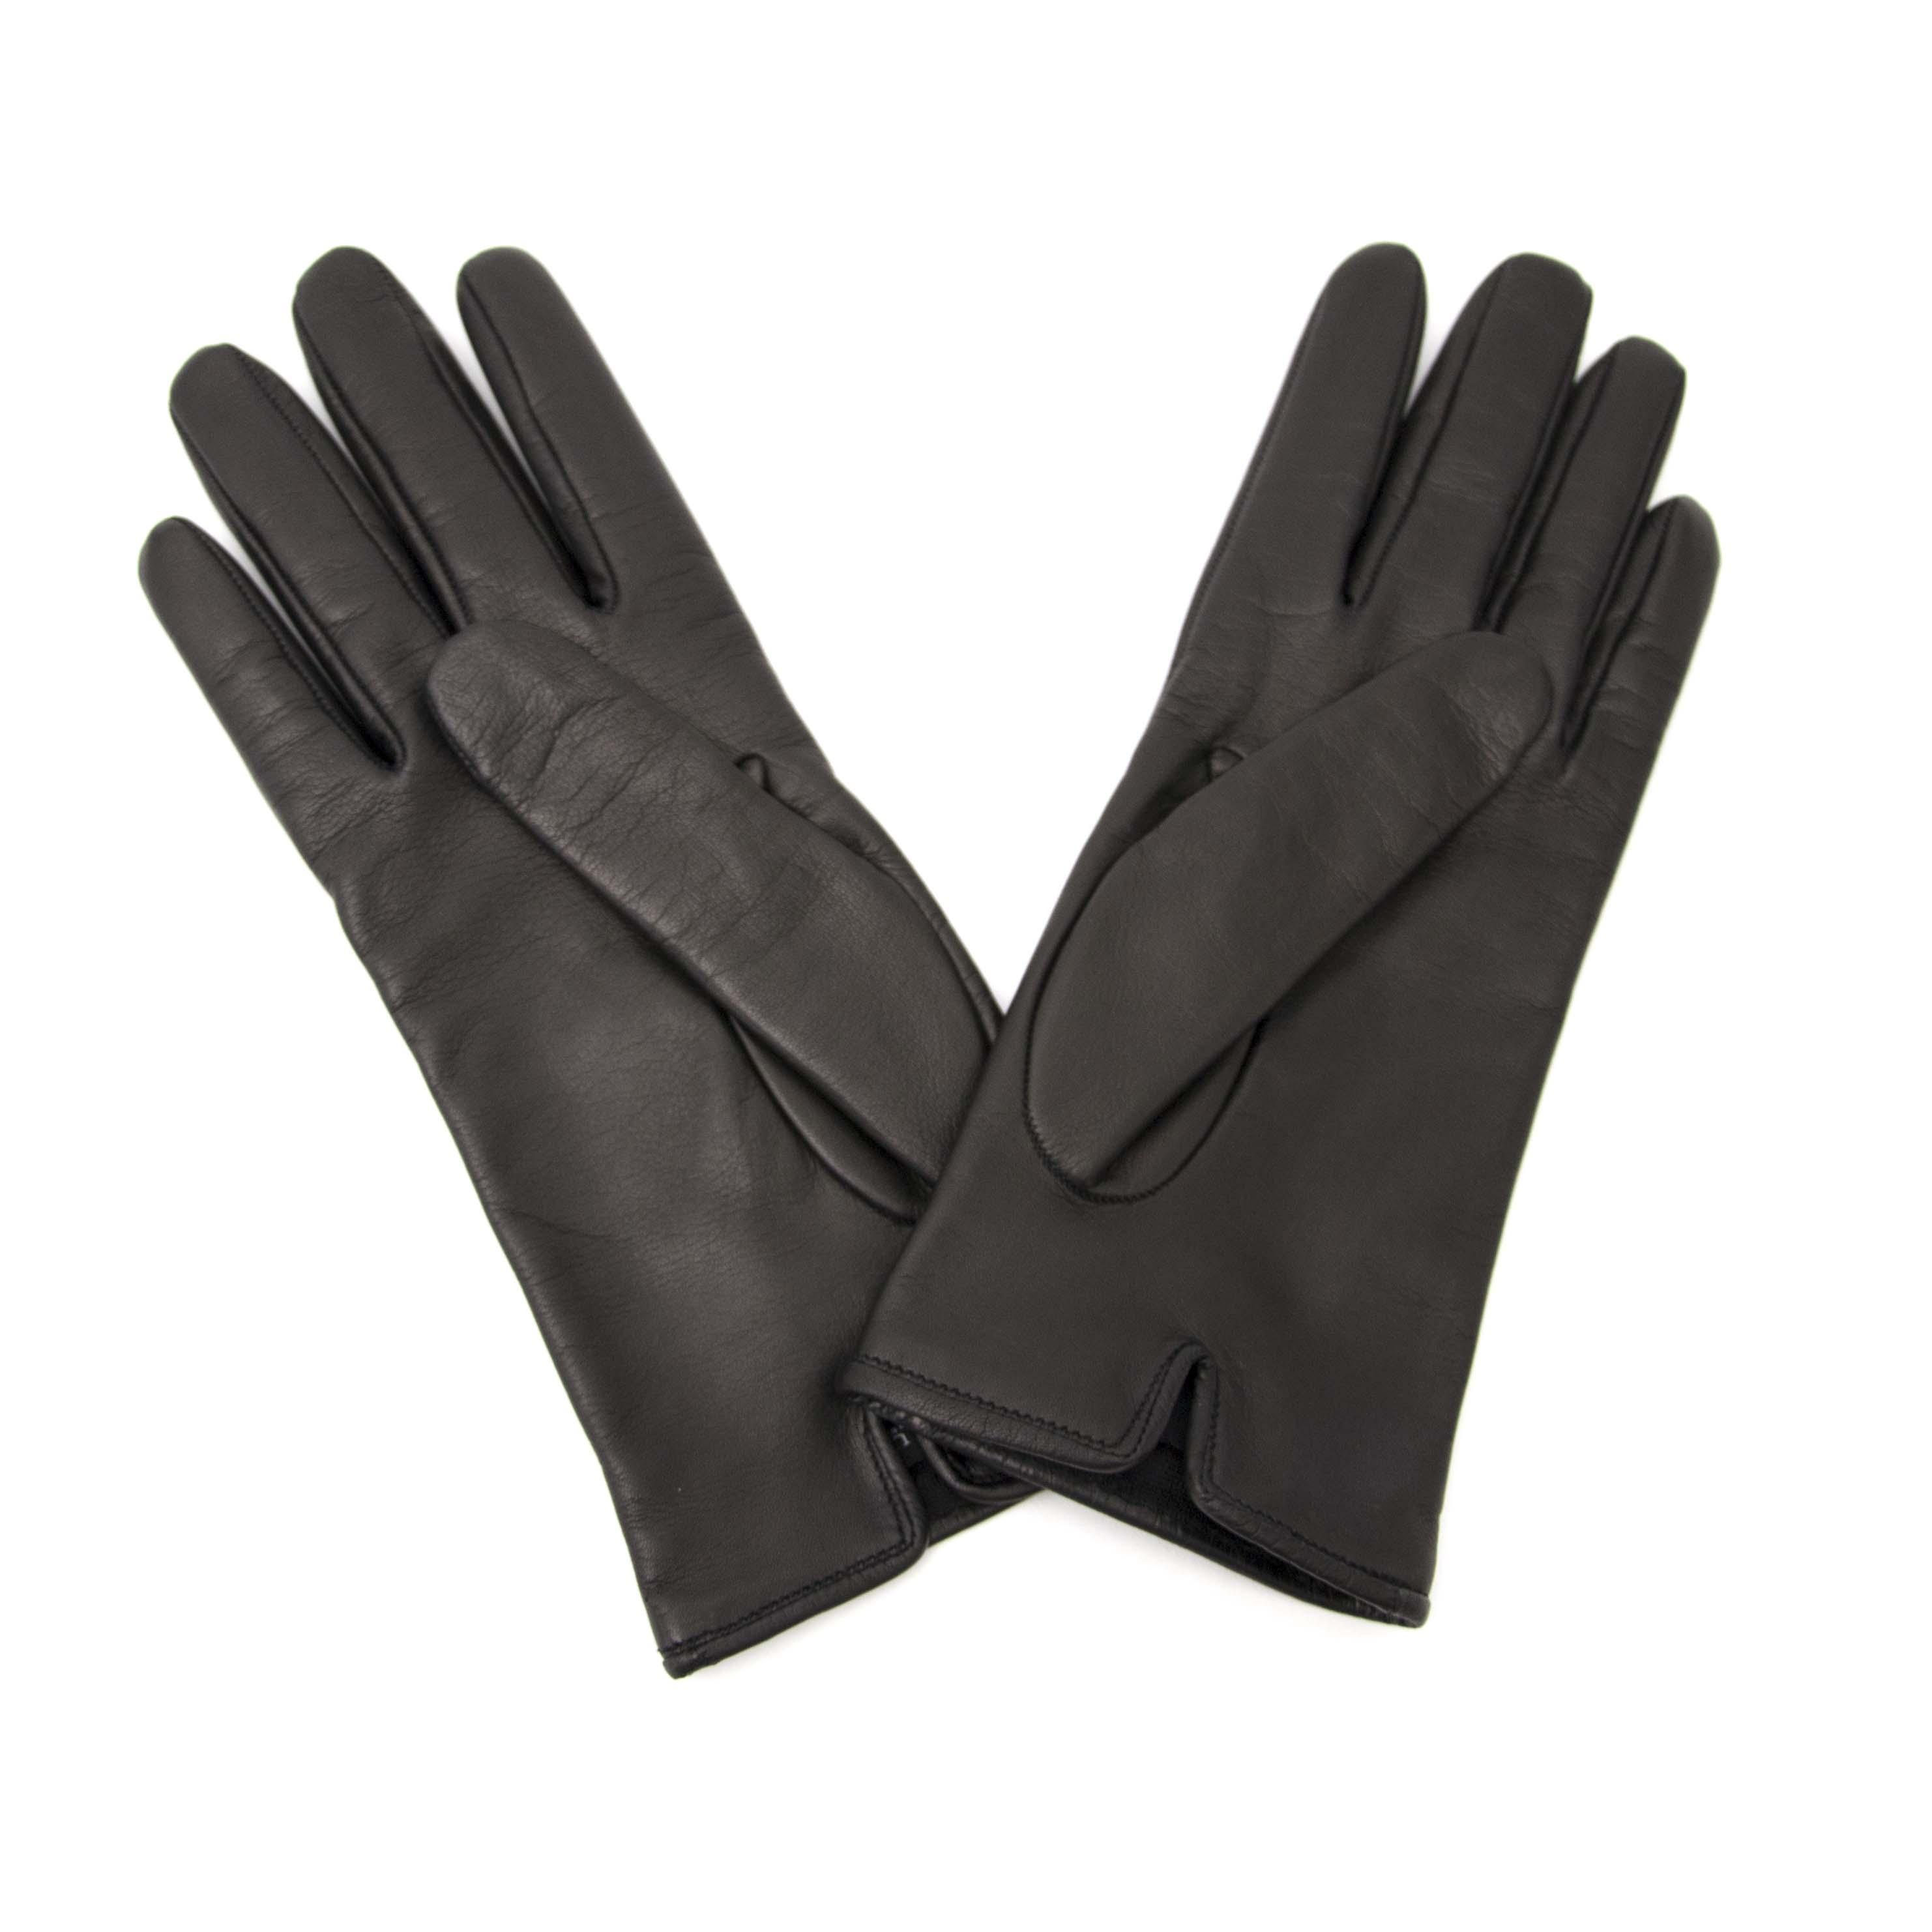 koop uw gucci handschoenen bij labellov.com tegen de beste prijs